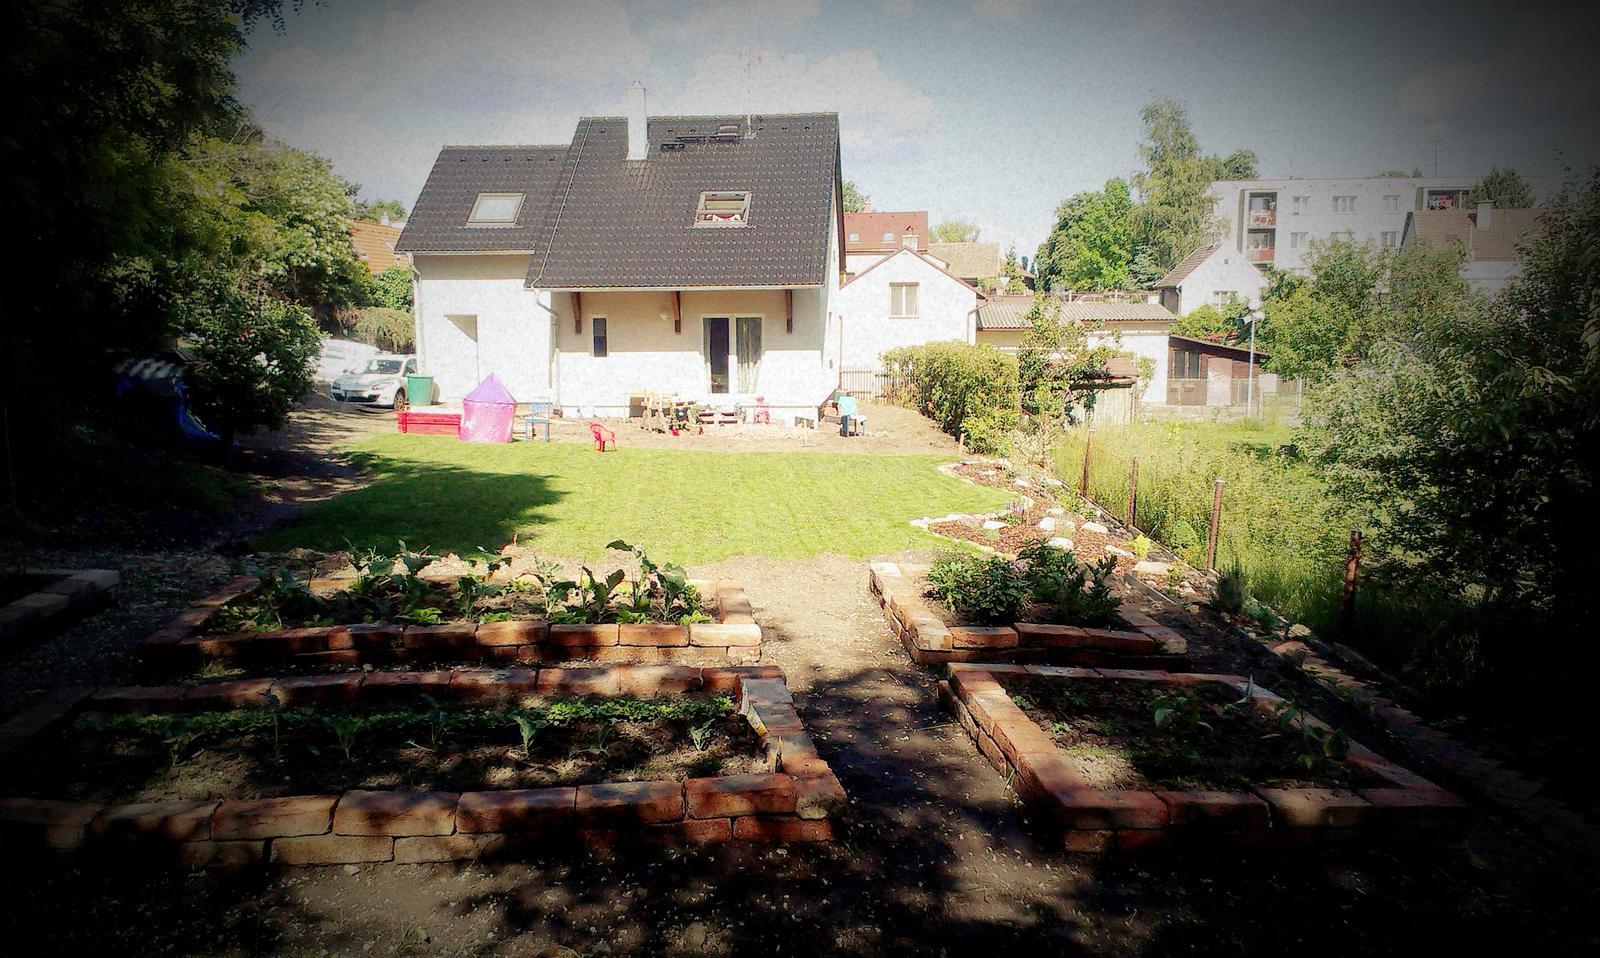 Záhrada - nedelná pohodička